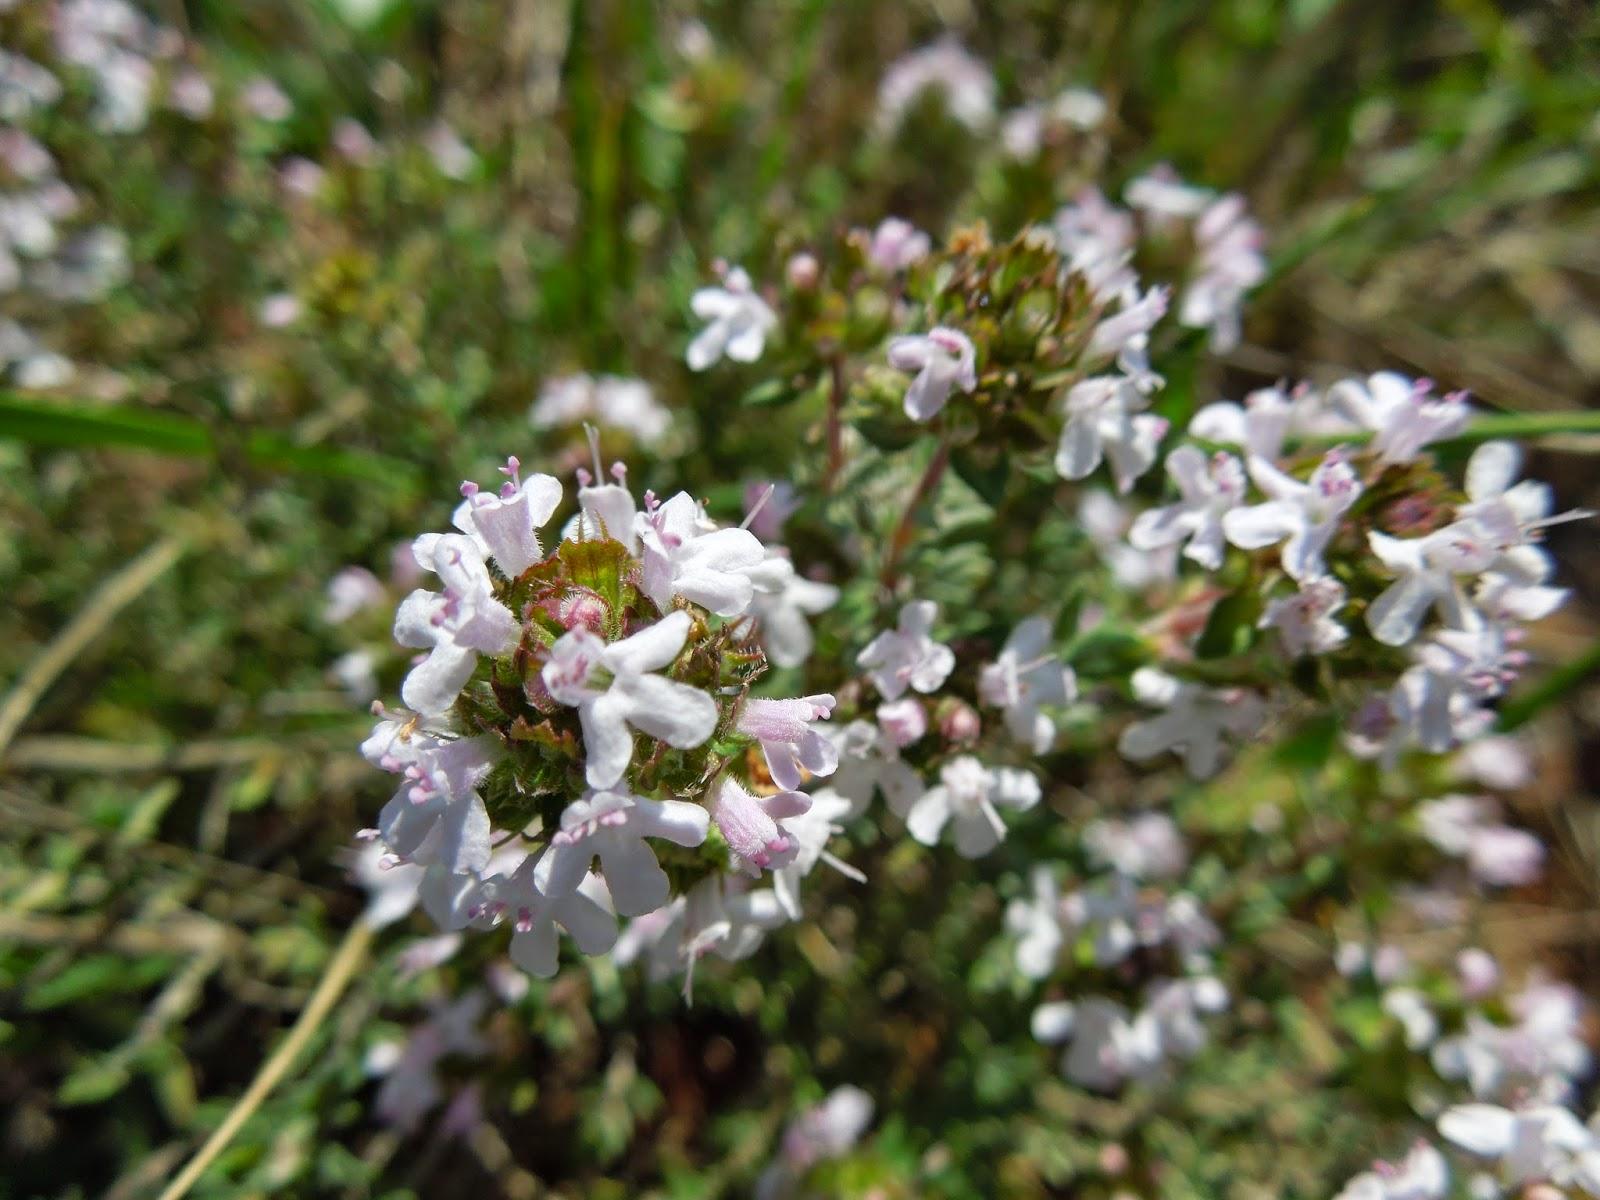 Unas flores silvestres - BOTÀNIC SERRAT